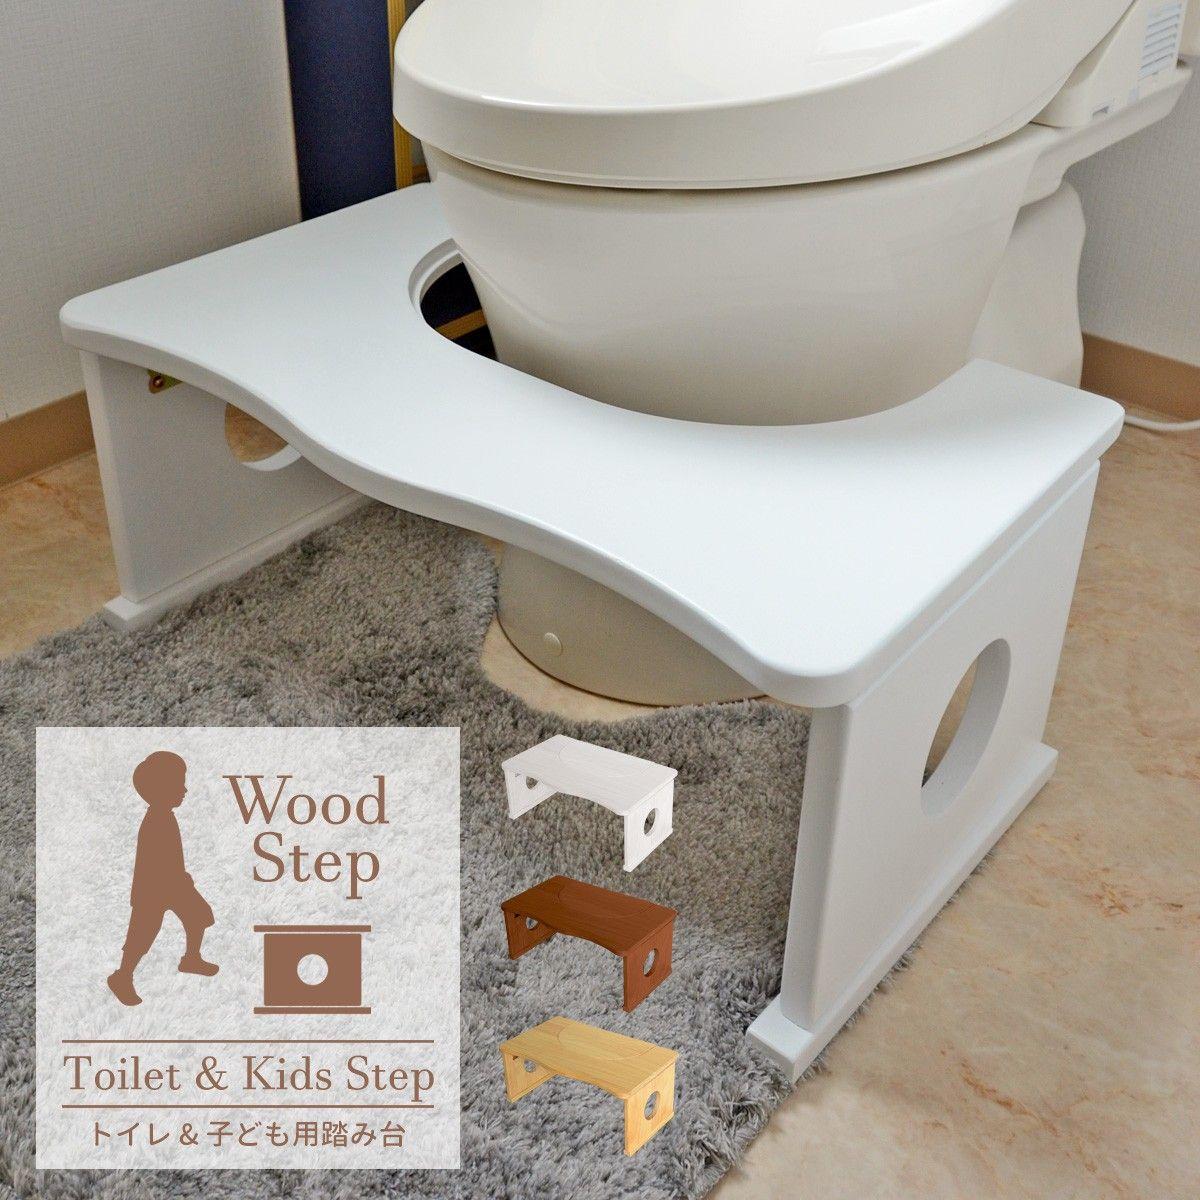 トイレ用踏み台 便器 トイレトレーニング 便秘解消 ステップ台 高さ